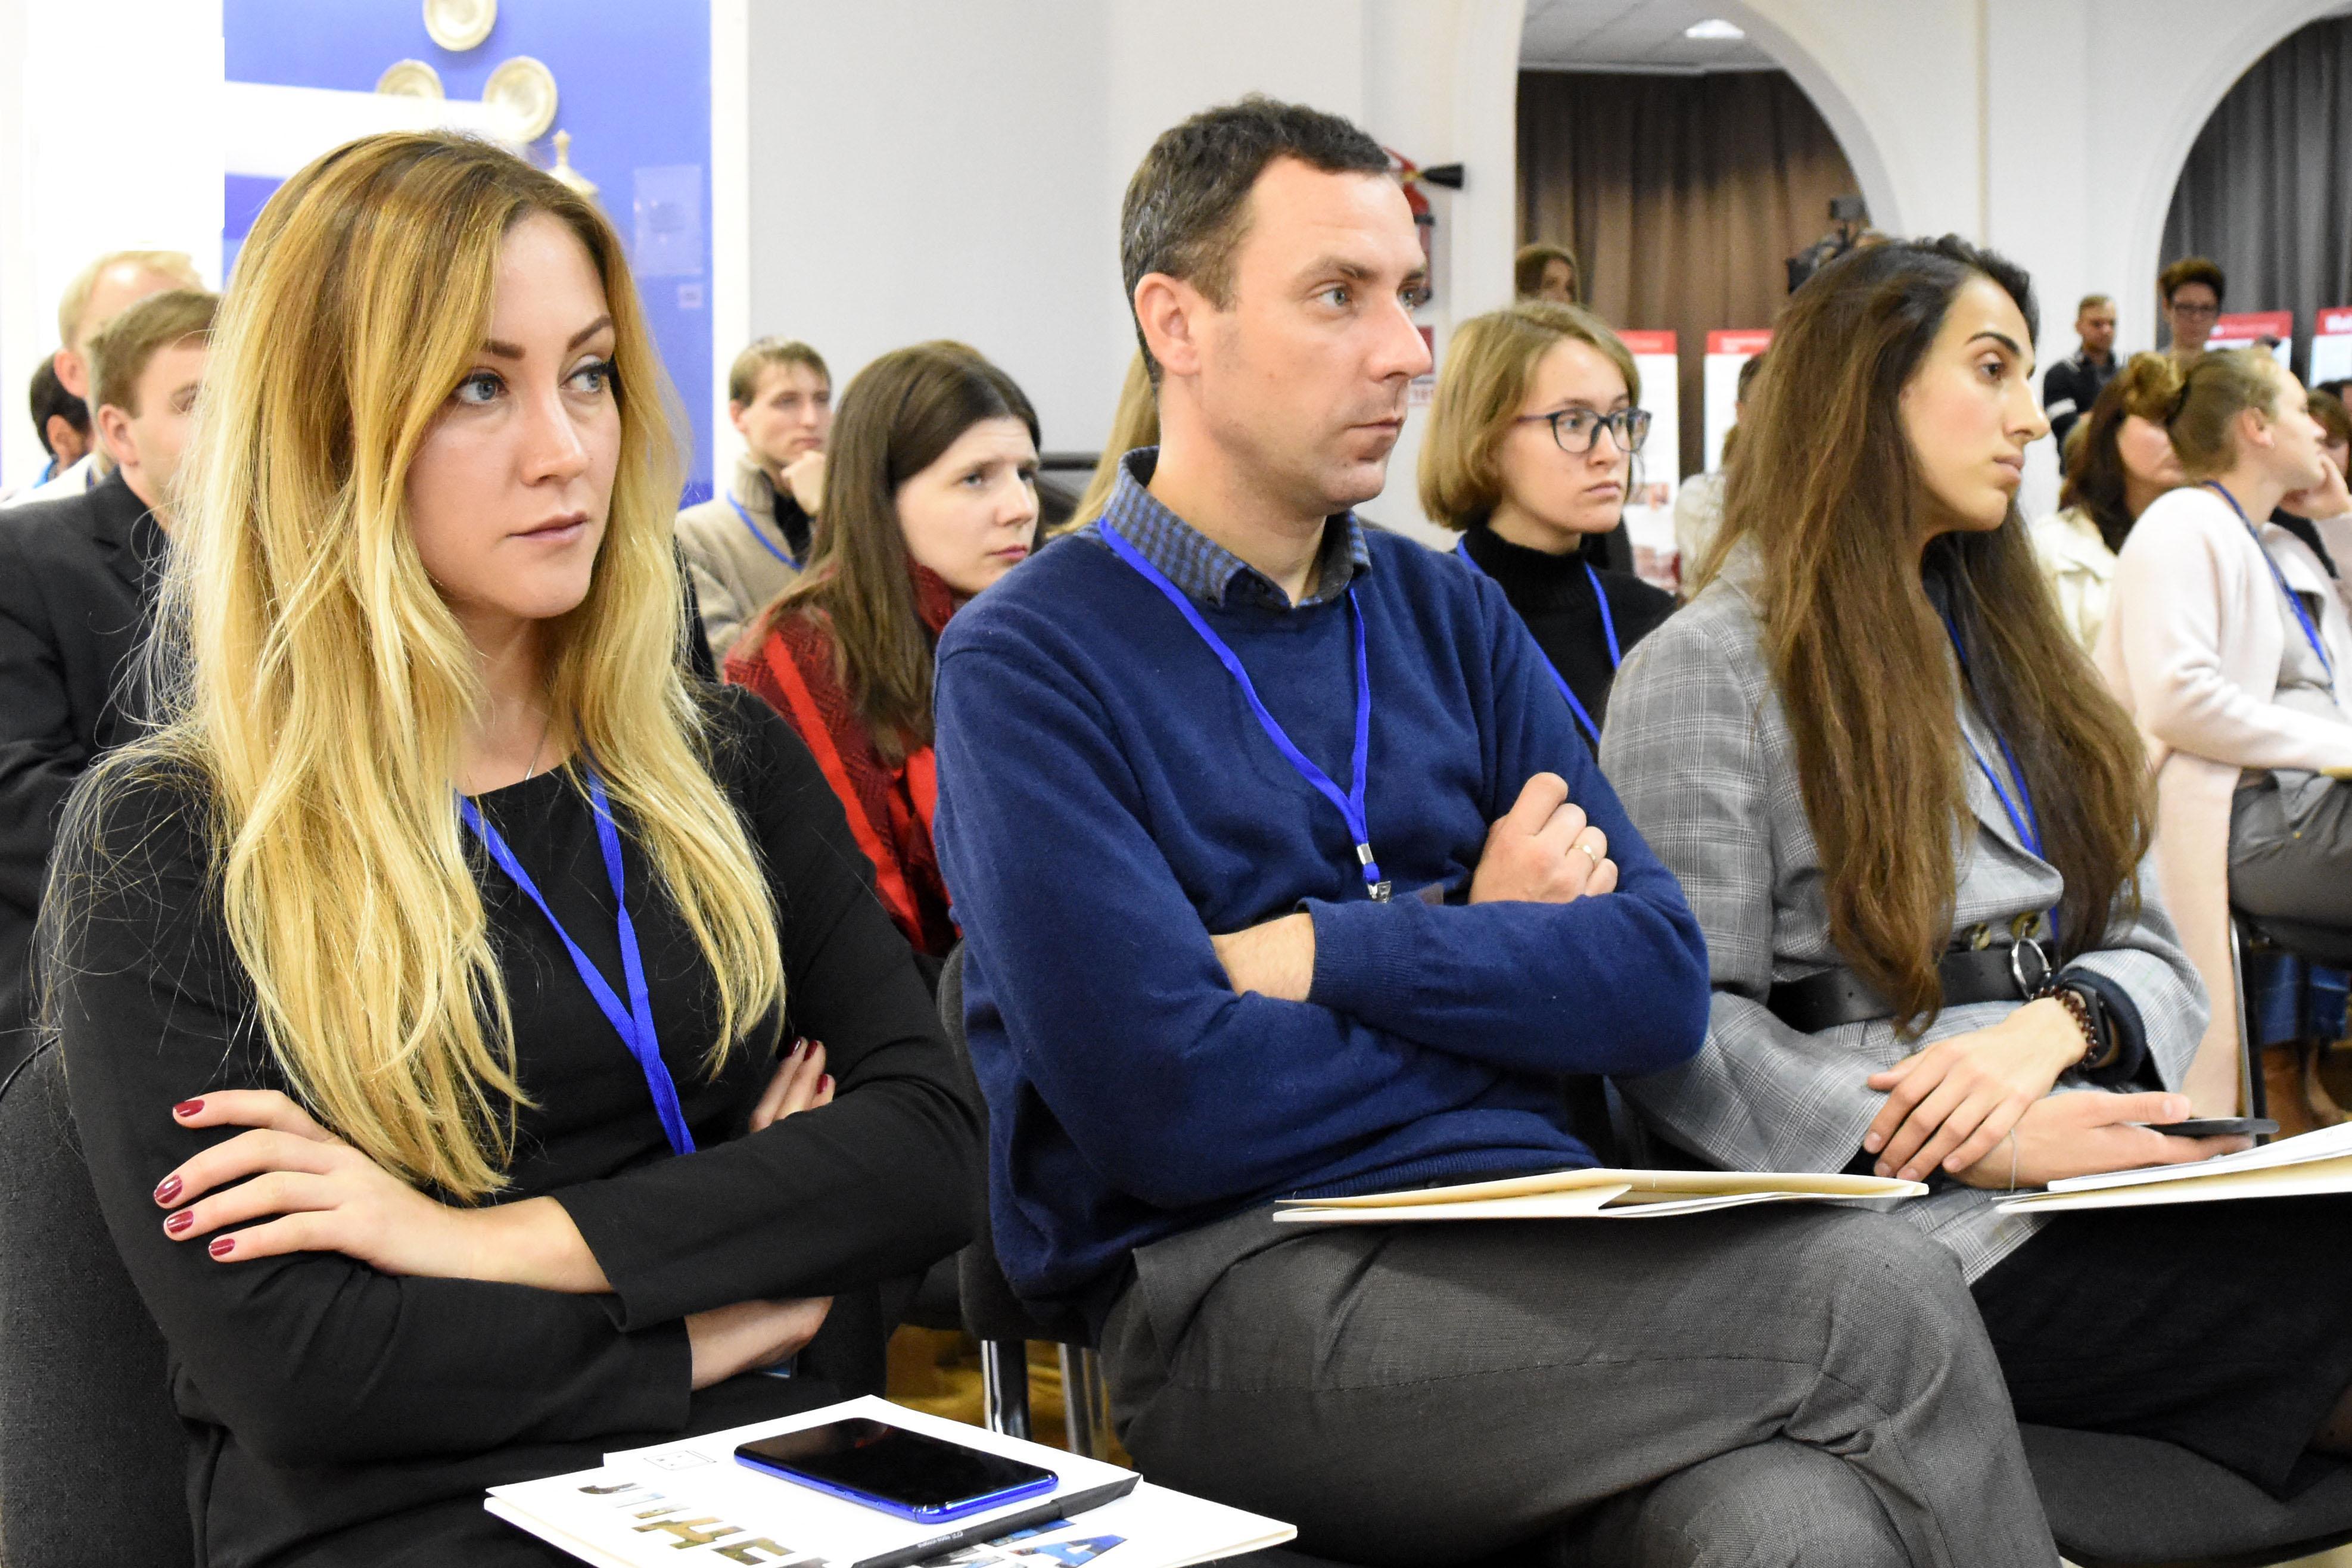 Креативные агенства украина обучение вуз образование в чехословакии